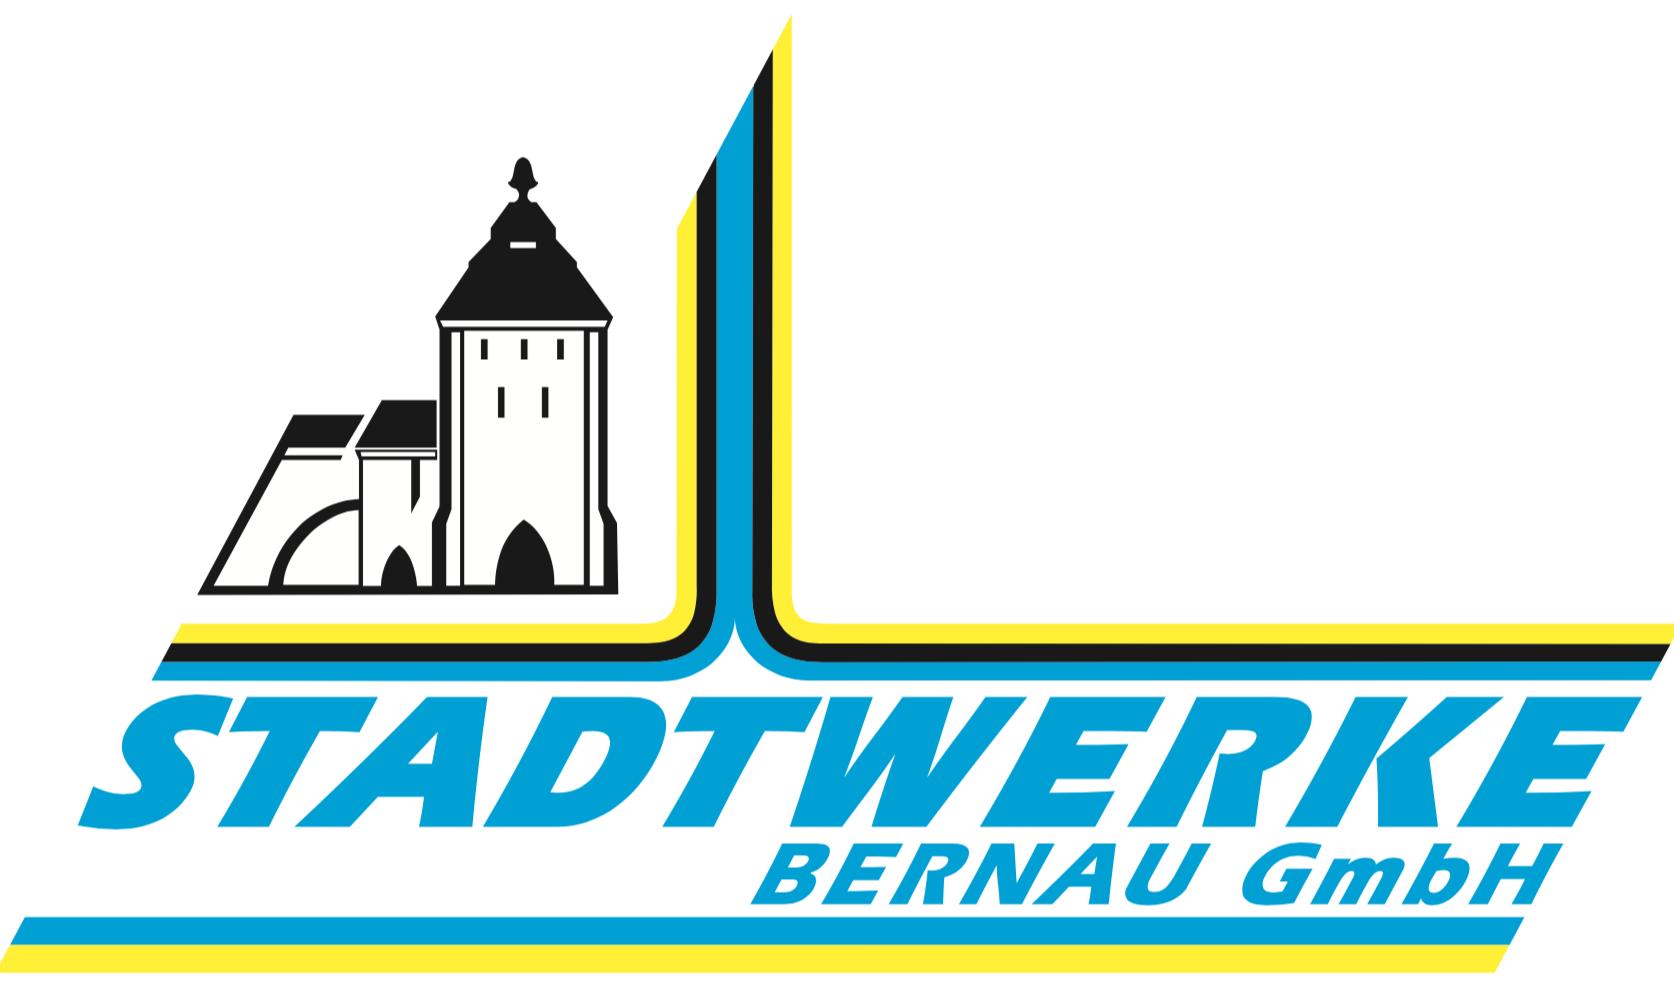 Stellenangebot: Stadtwerke Bernau GmbH: Freie Ausbildungsplätze